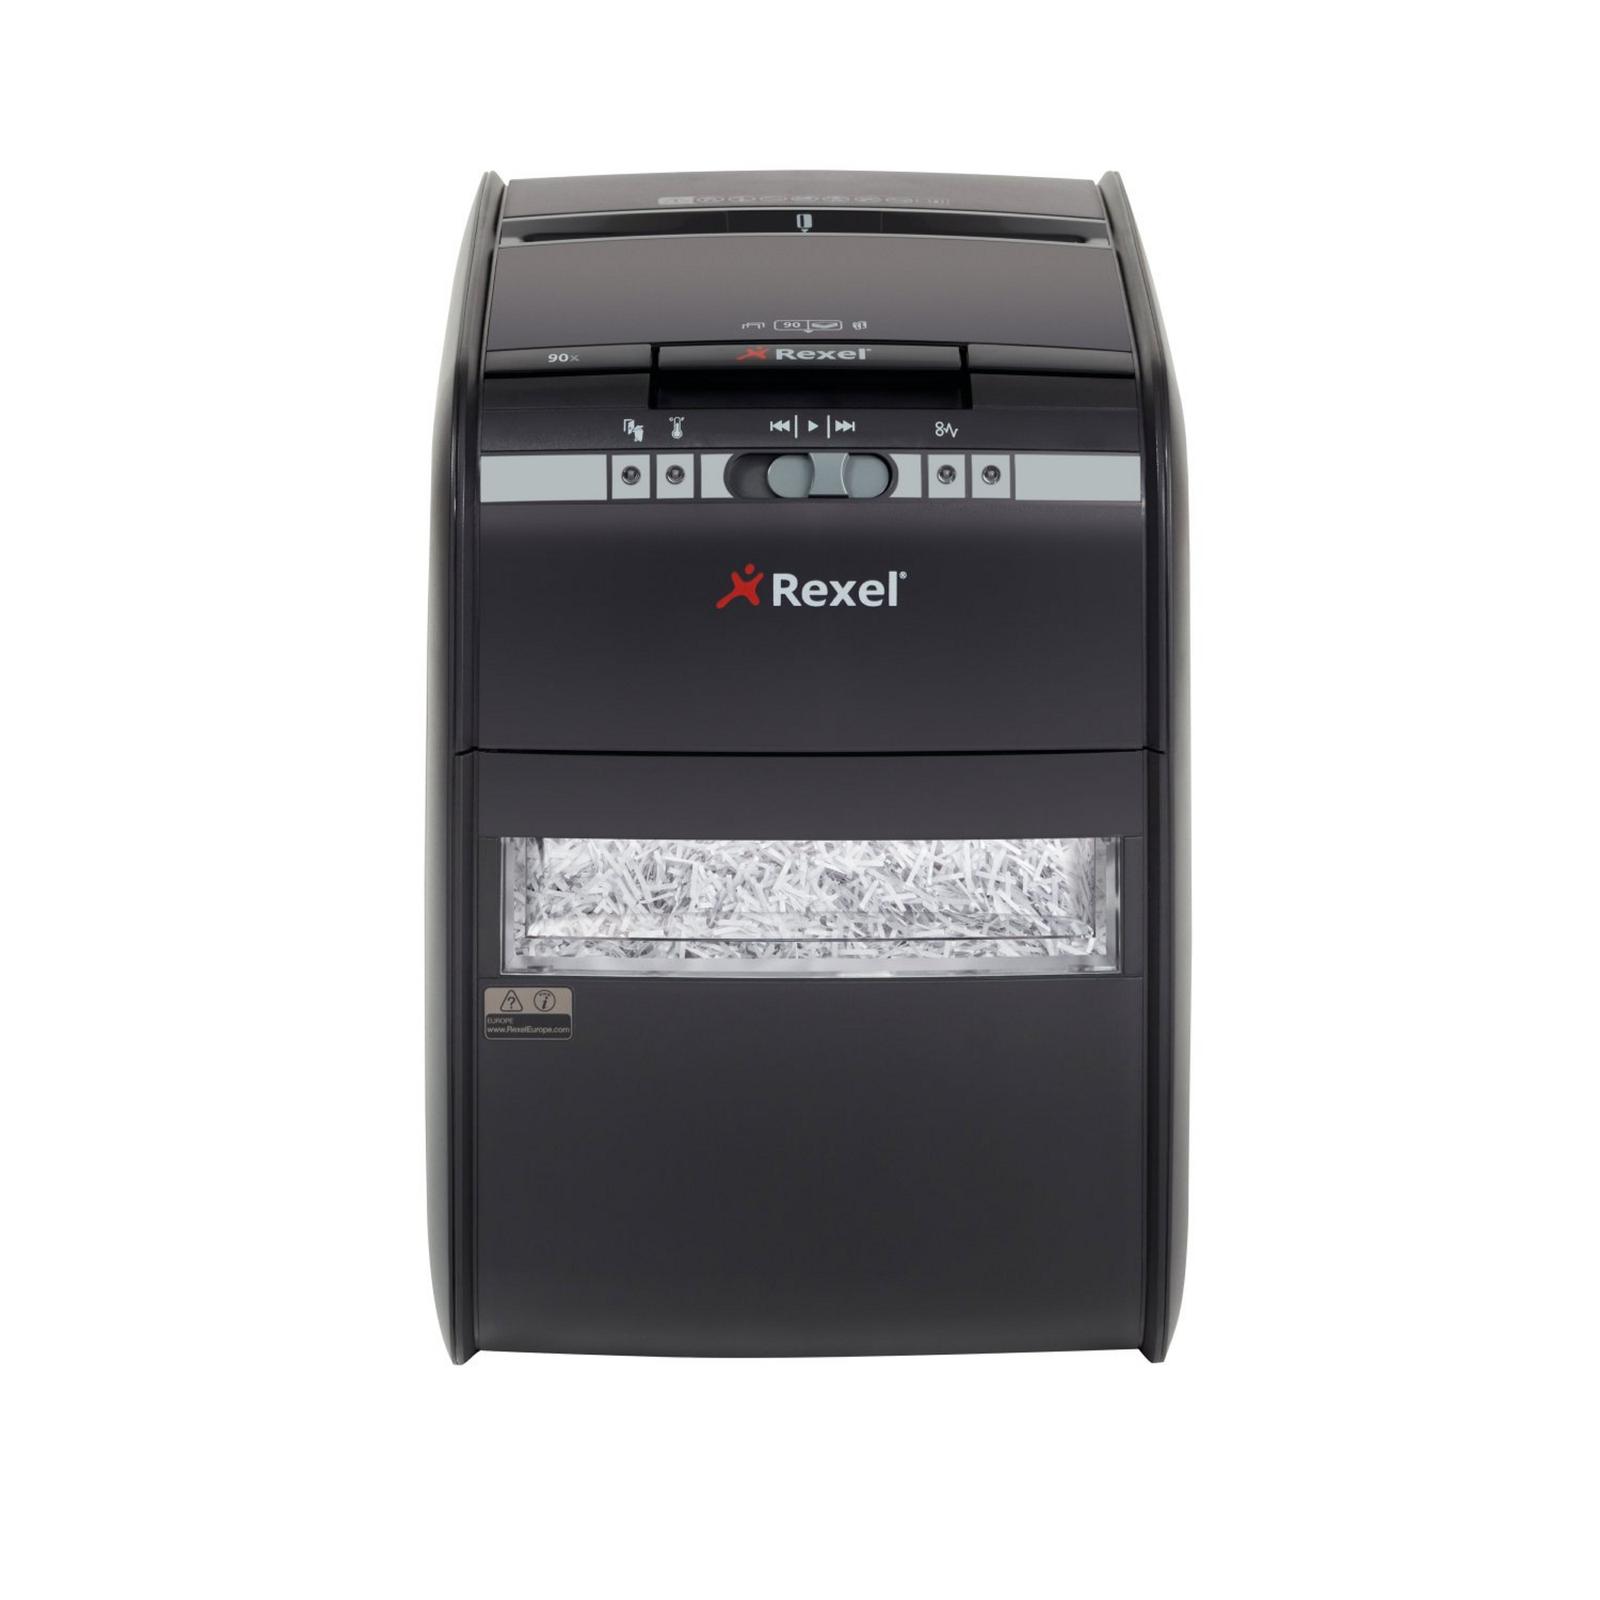 Rexel Autofeed Cross Cut 90X Shredder